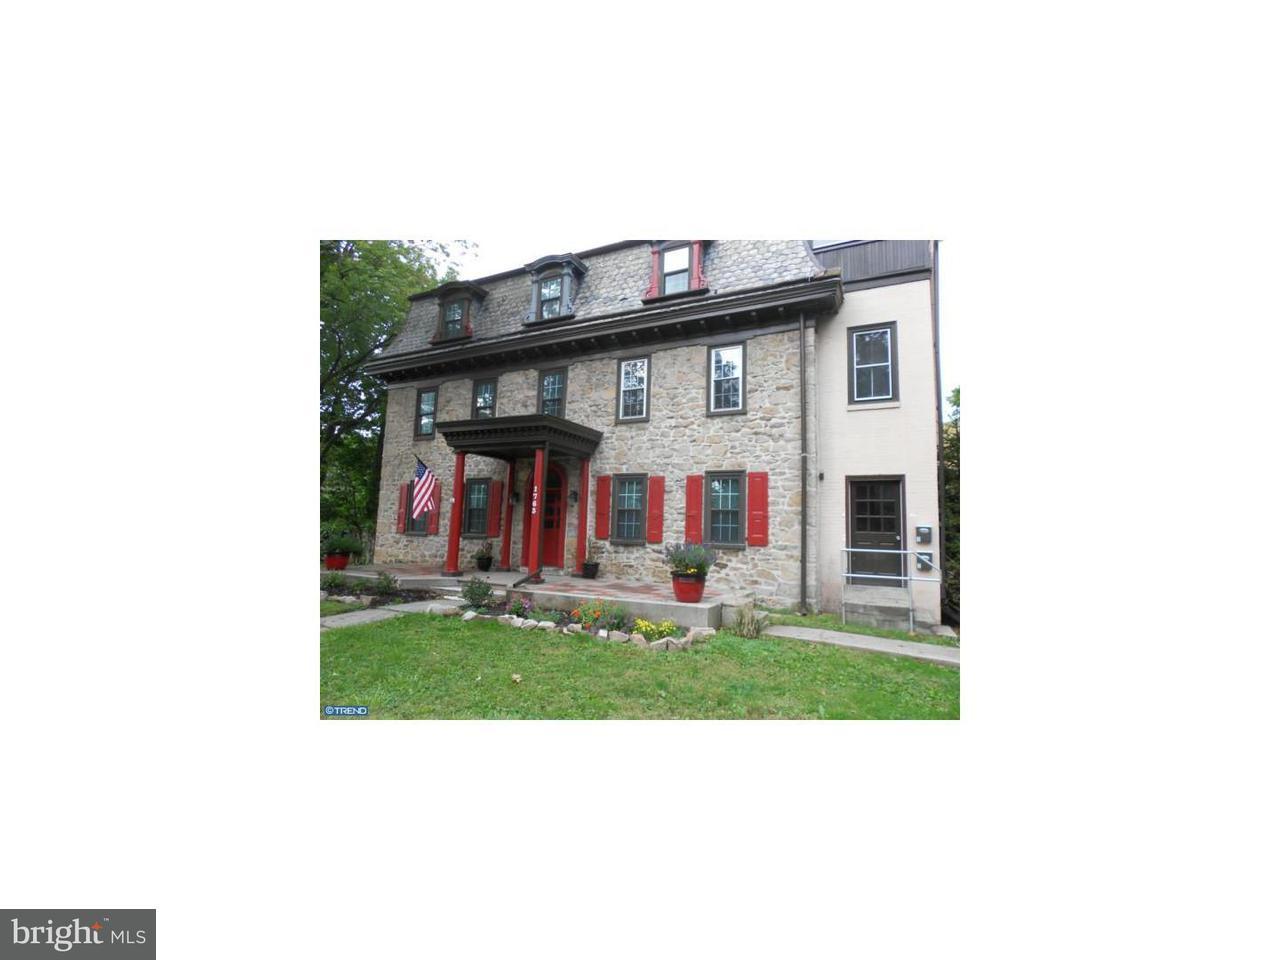 Casa Unifamiliar por un Alquiler en 1763 W MAIN ST #3 Jeffersonville, Pennsylvania 19403 Estados Unidos